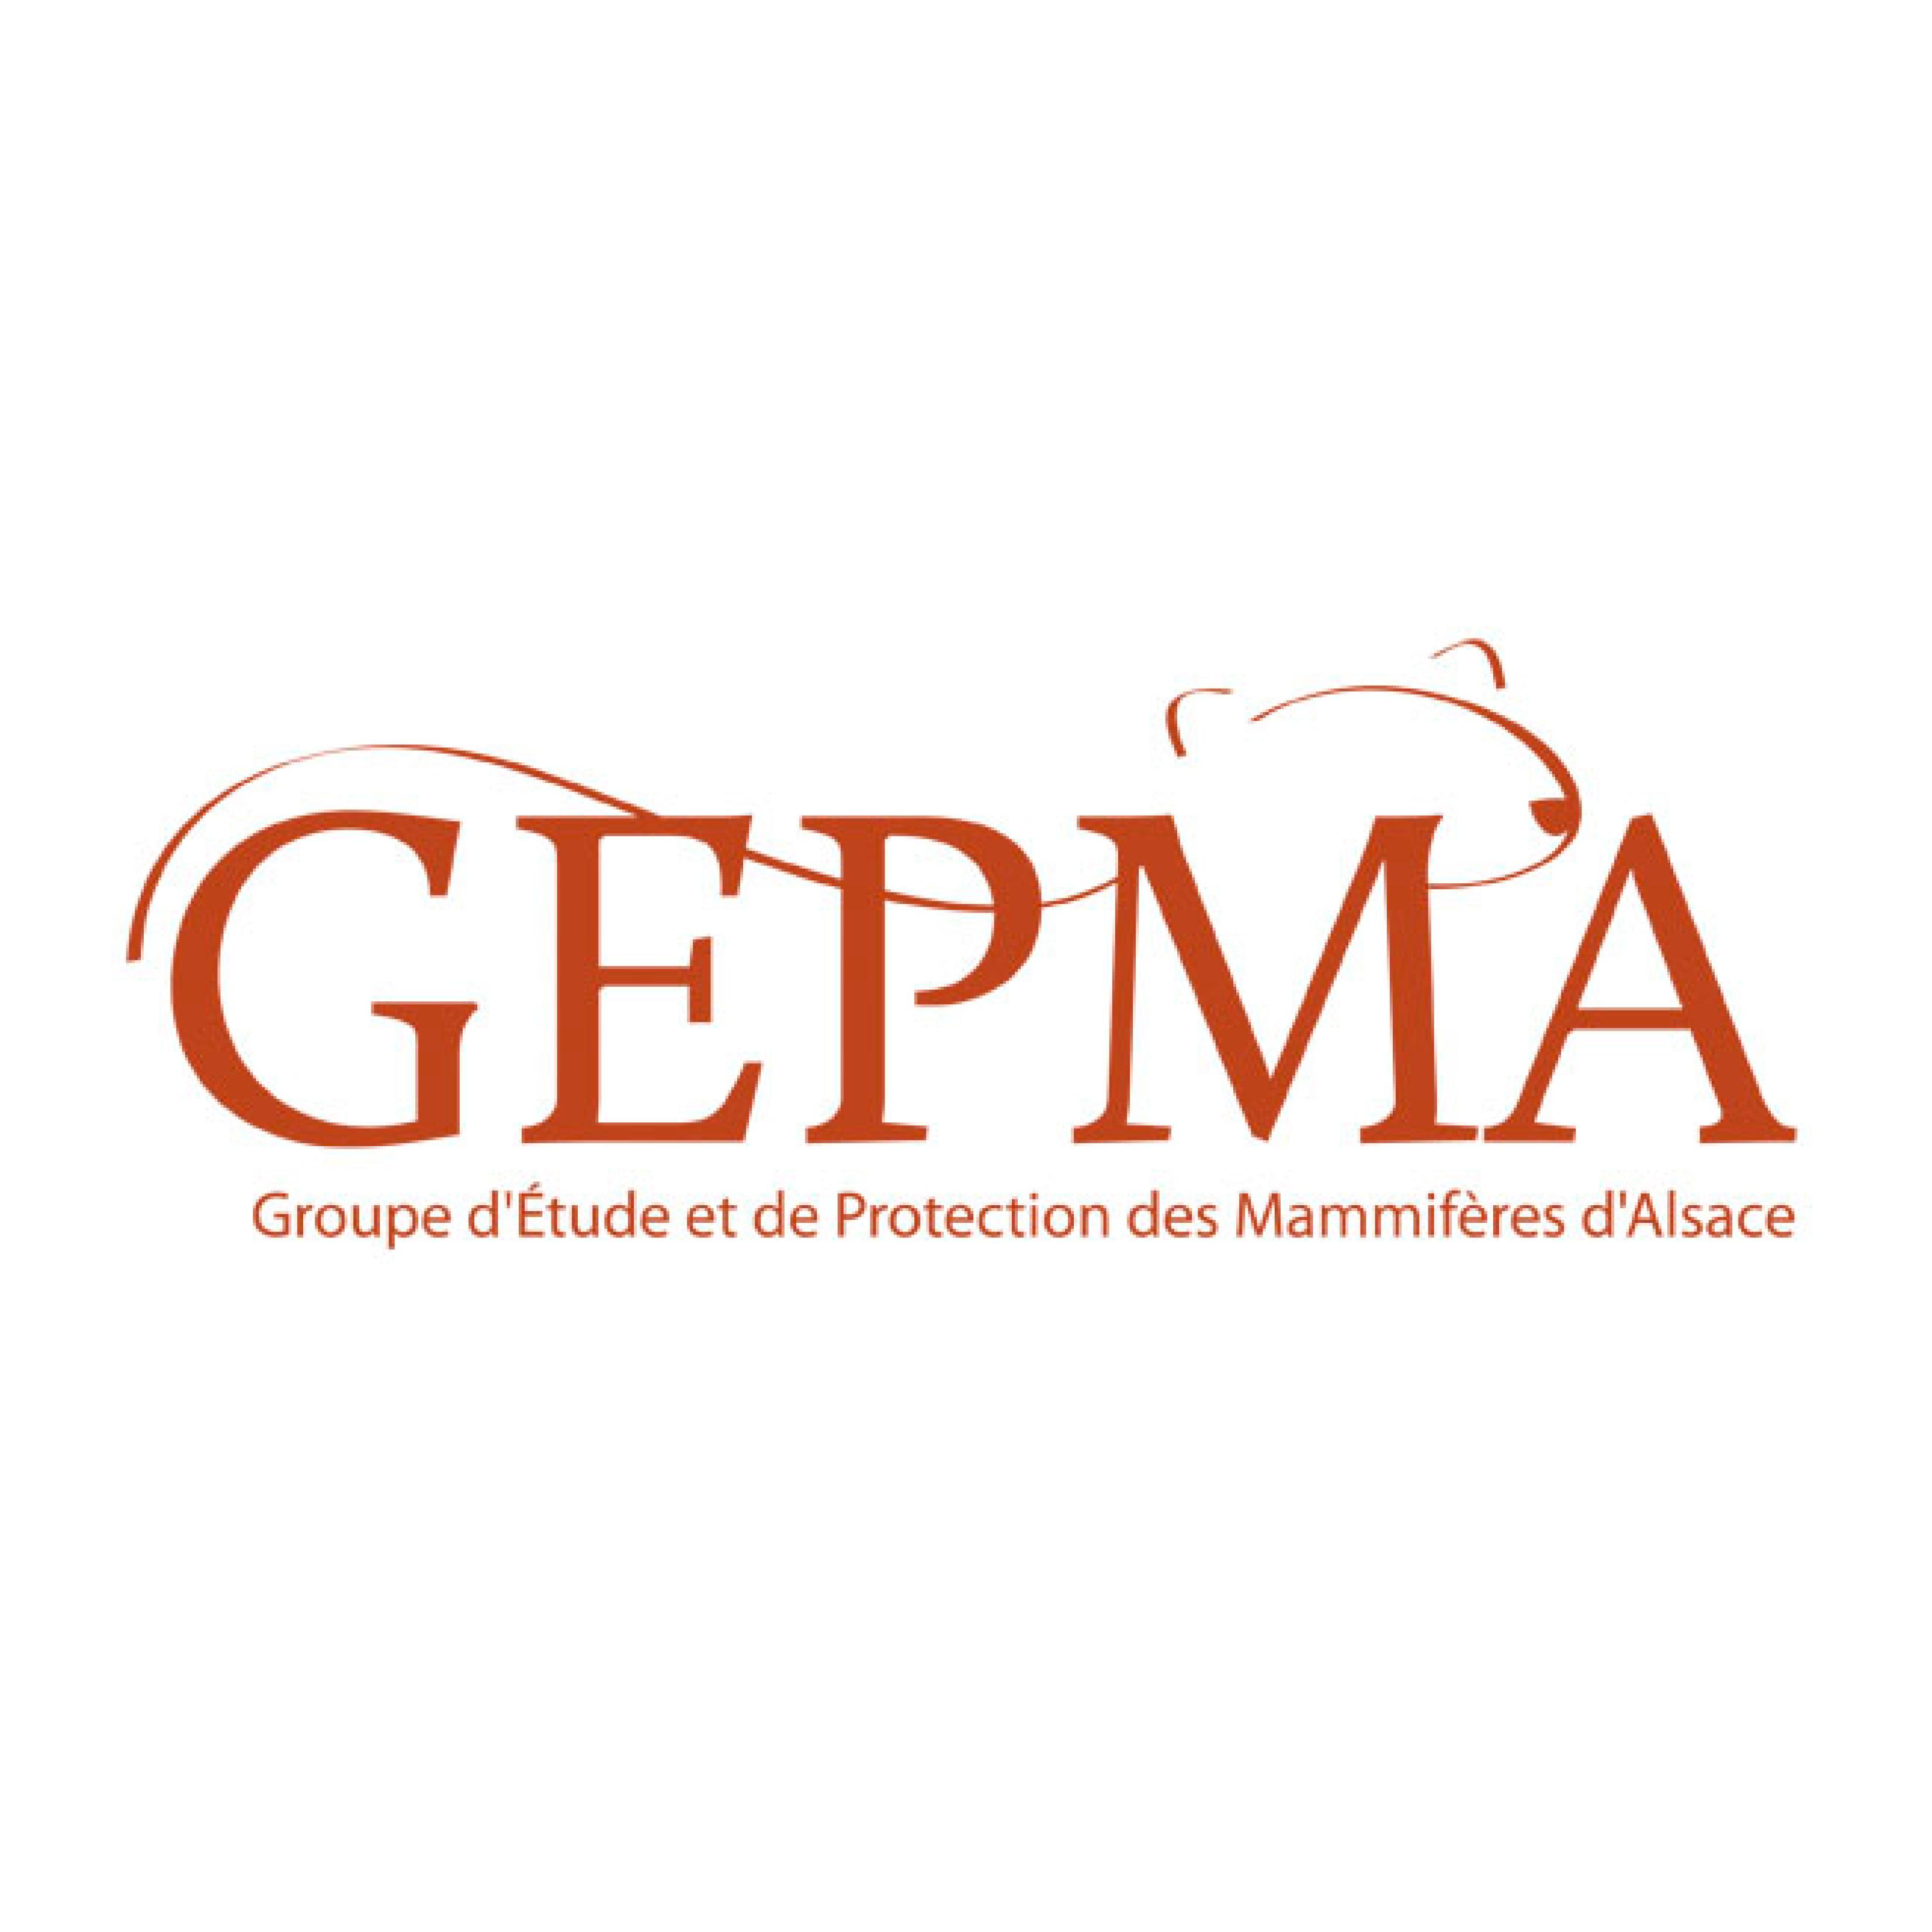 Groupe d'Étude et de Protection des Mammifères d'Alsace (GEPMA)